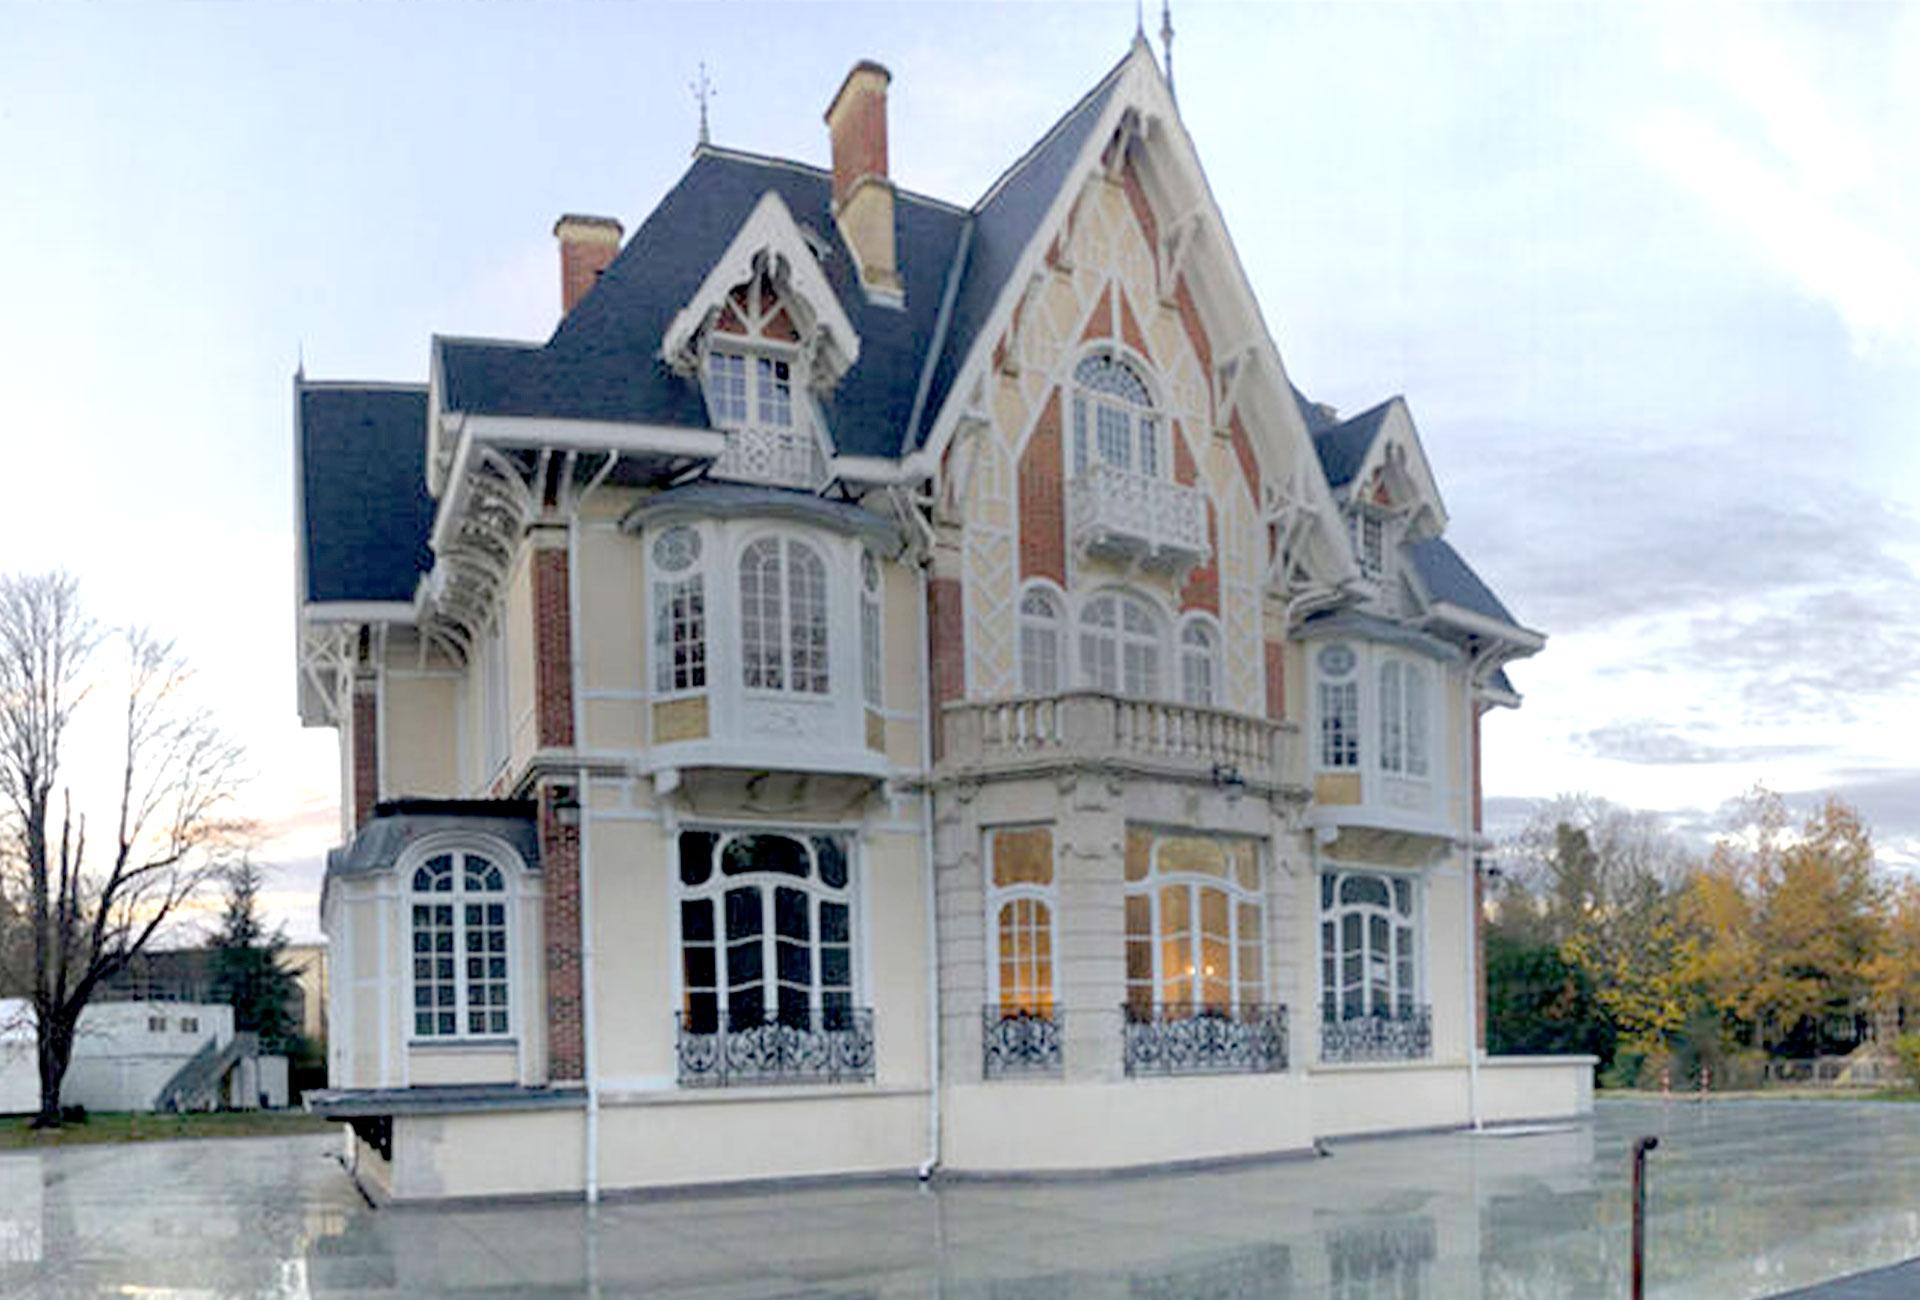 Campus de Saint-Germain-en-Laye CY Tech